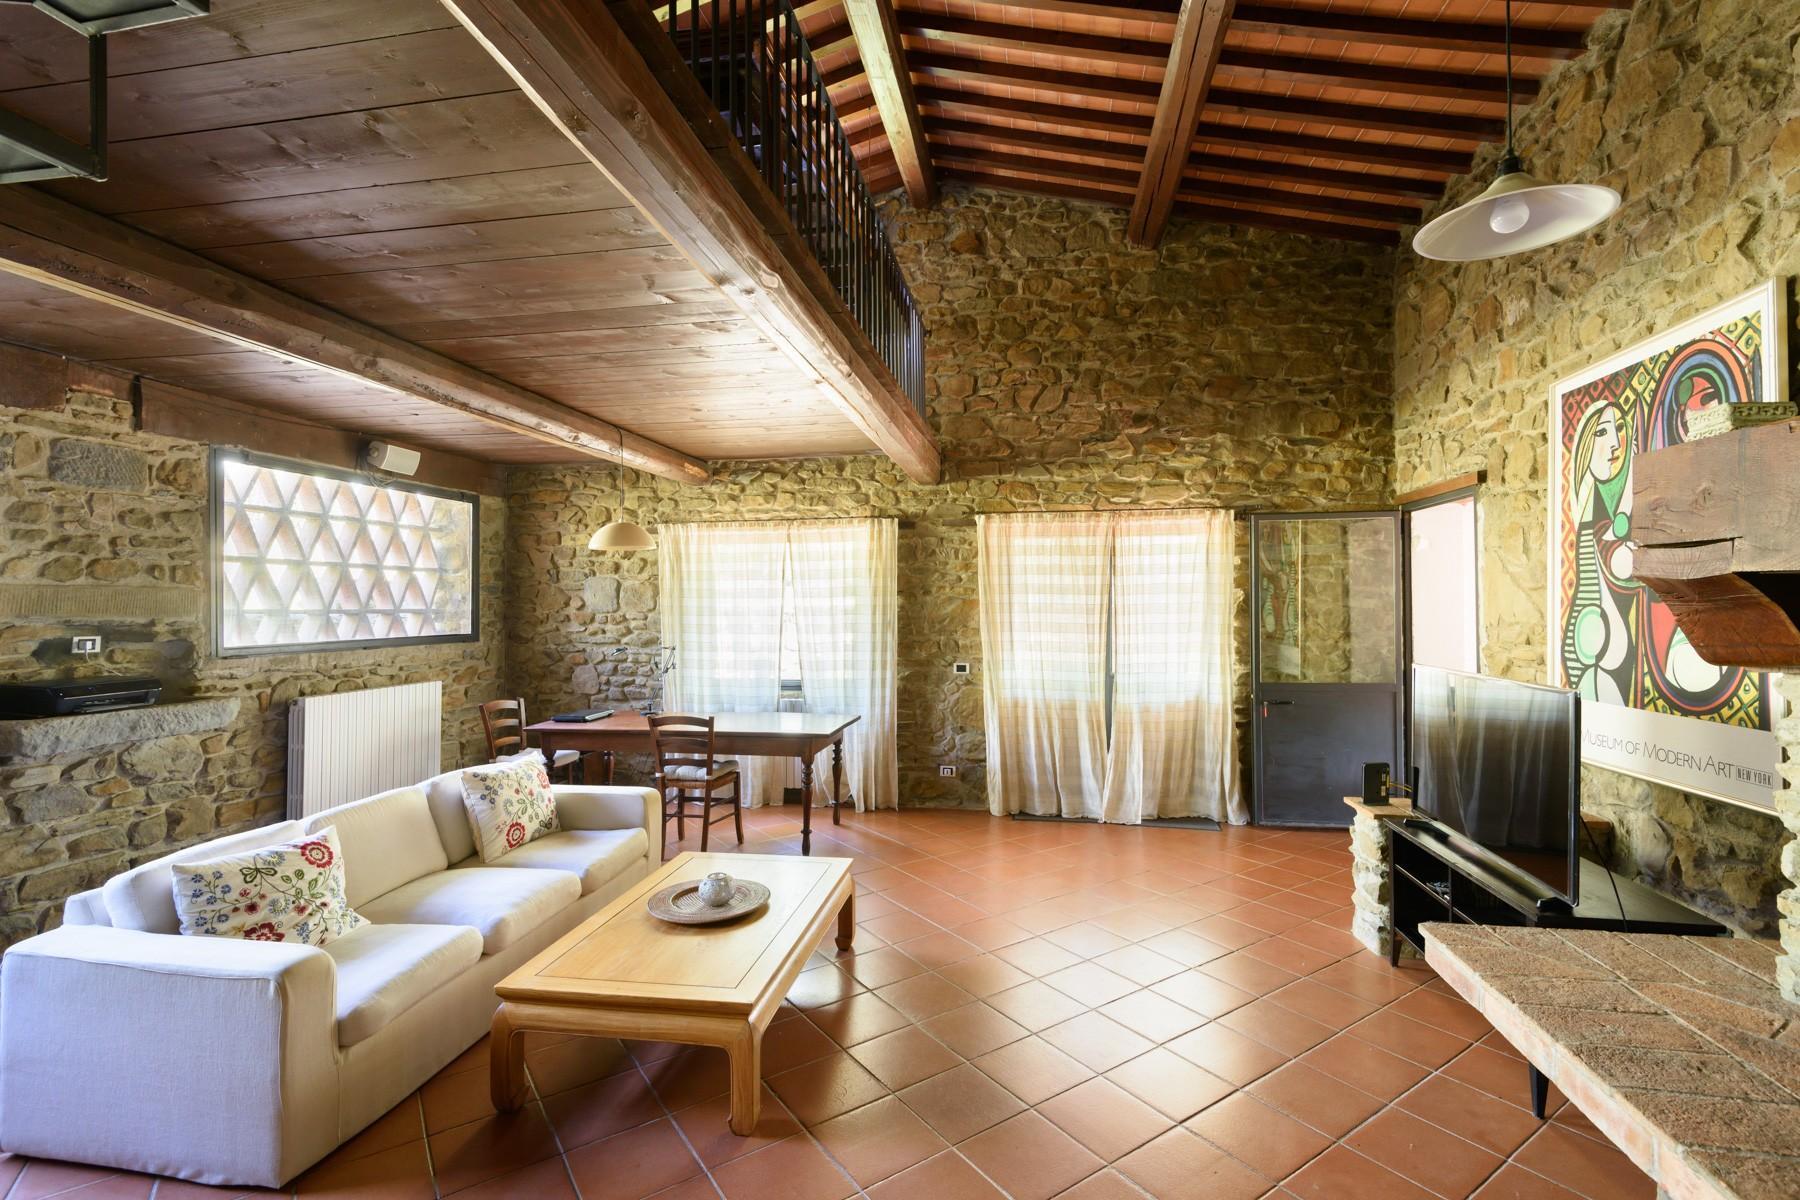 Magnificent property in Chianti Aretino - 20